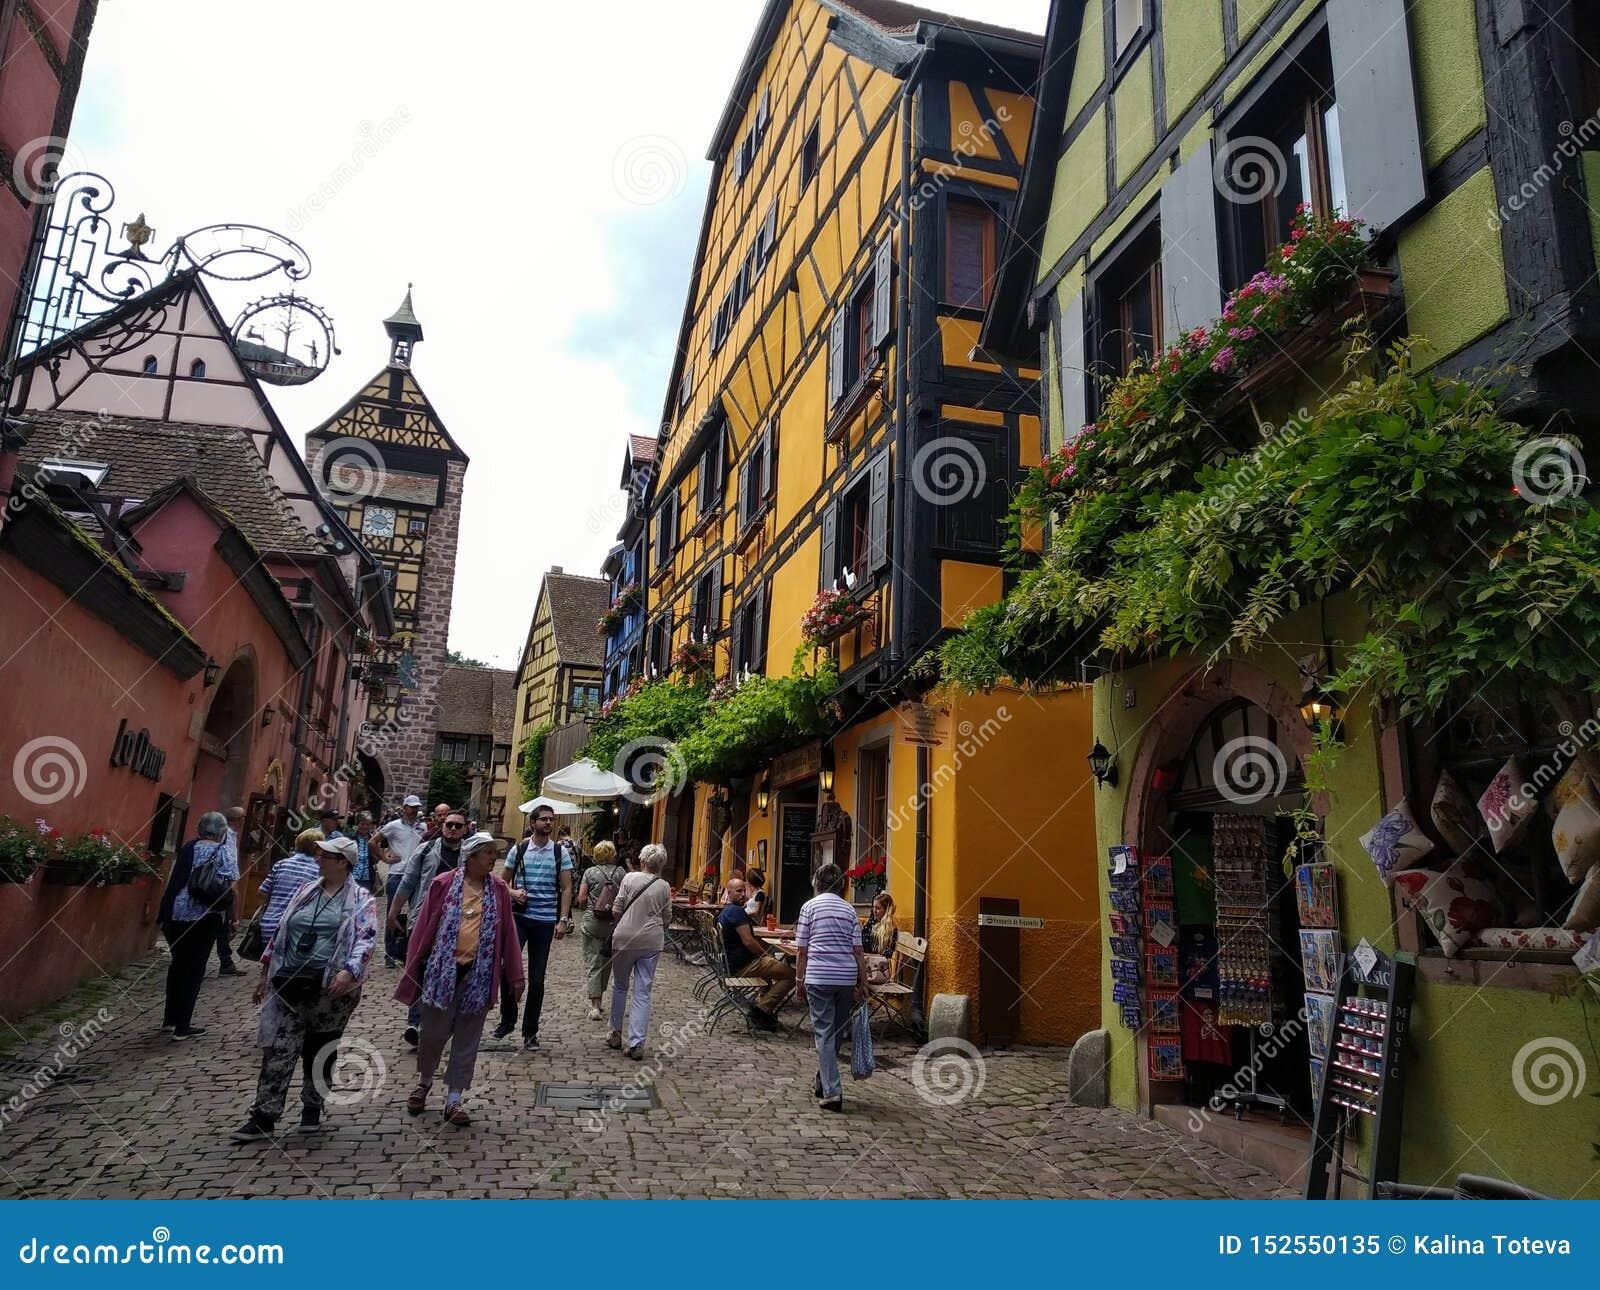 Zegarowy wierza, tradycyjni domy z kolorowymi fasadami i pochylanie dachy w Riquewihr, Francja